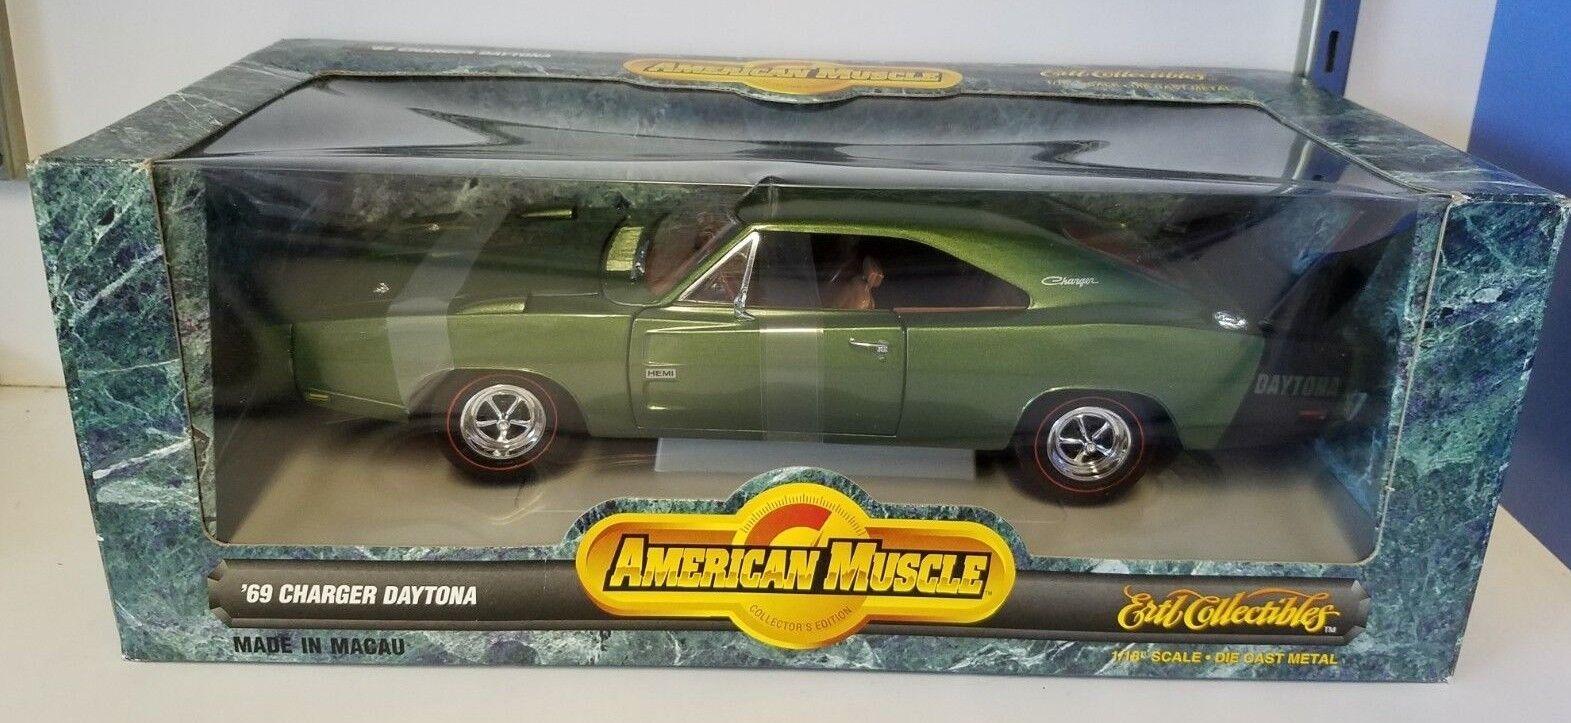 tiempo libre 1 18 Ertl American Muscle Muscle Muscle 10 más rápido 1969 Dodge Daytona verde YD  tienda de descuento